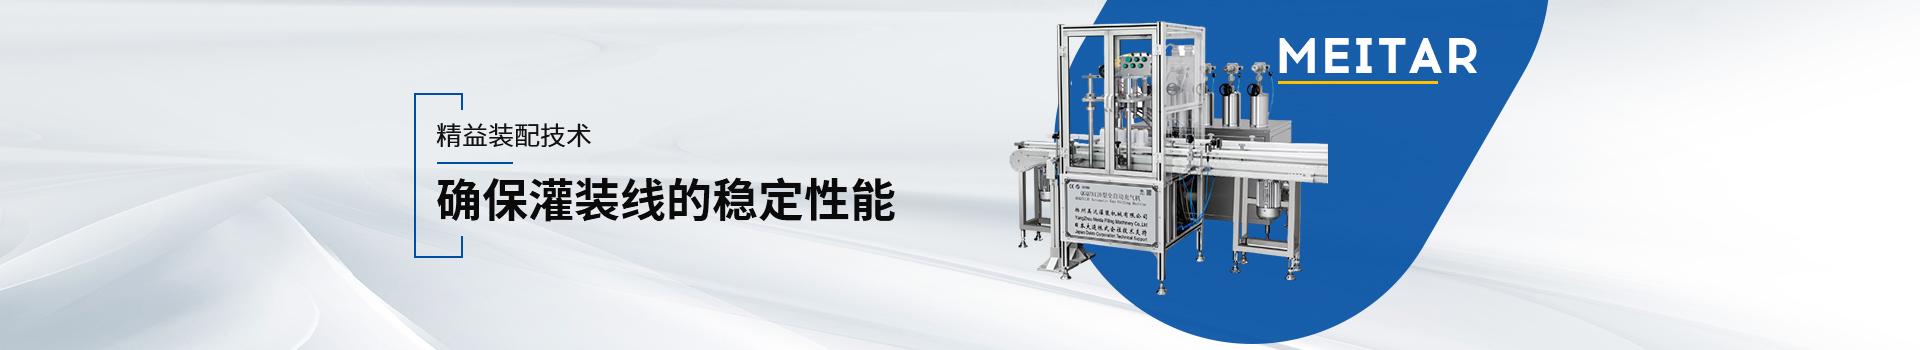 美达精益装配技术 确保灌装线的稳定性能